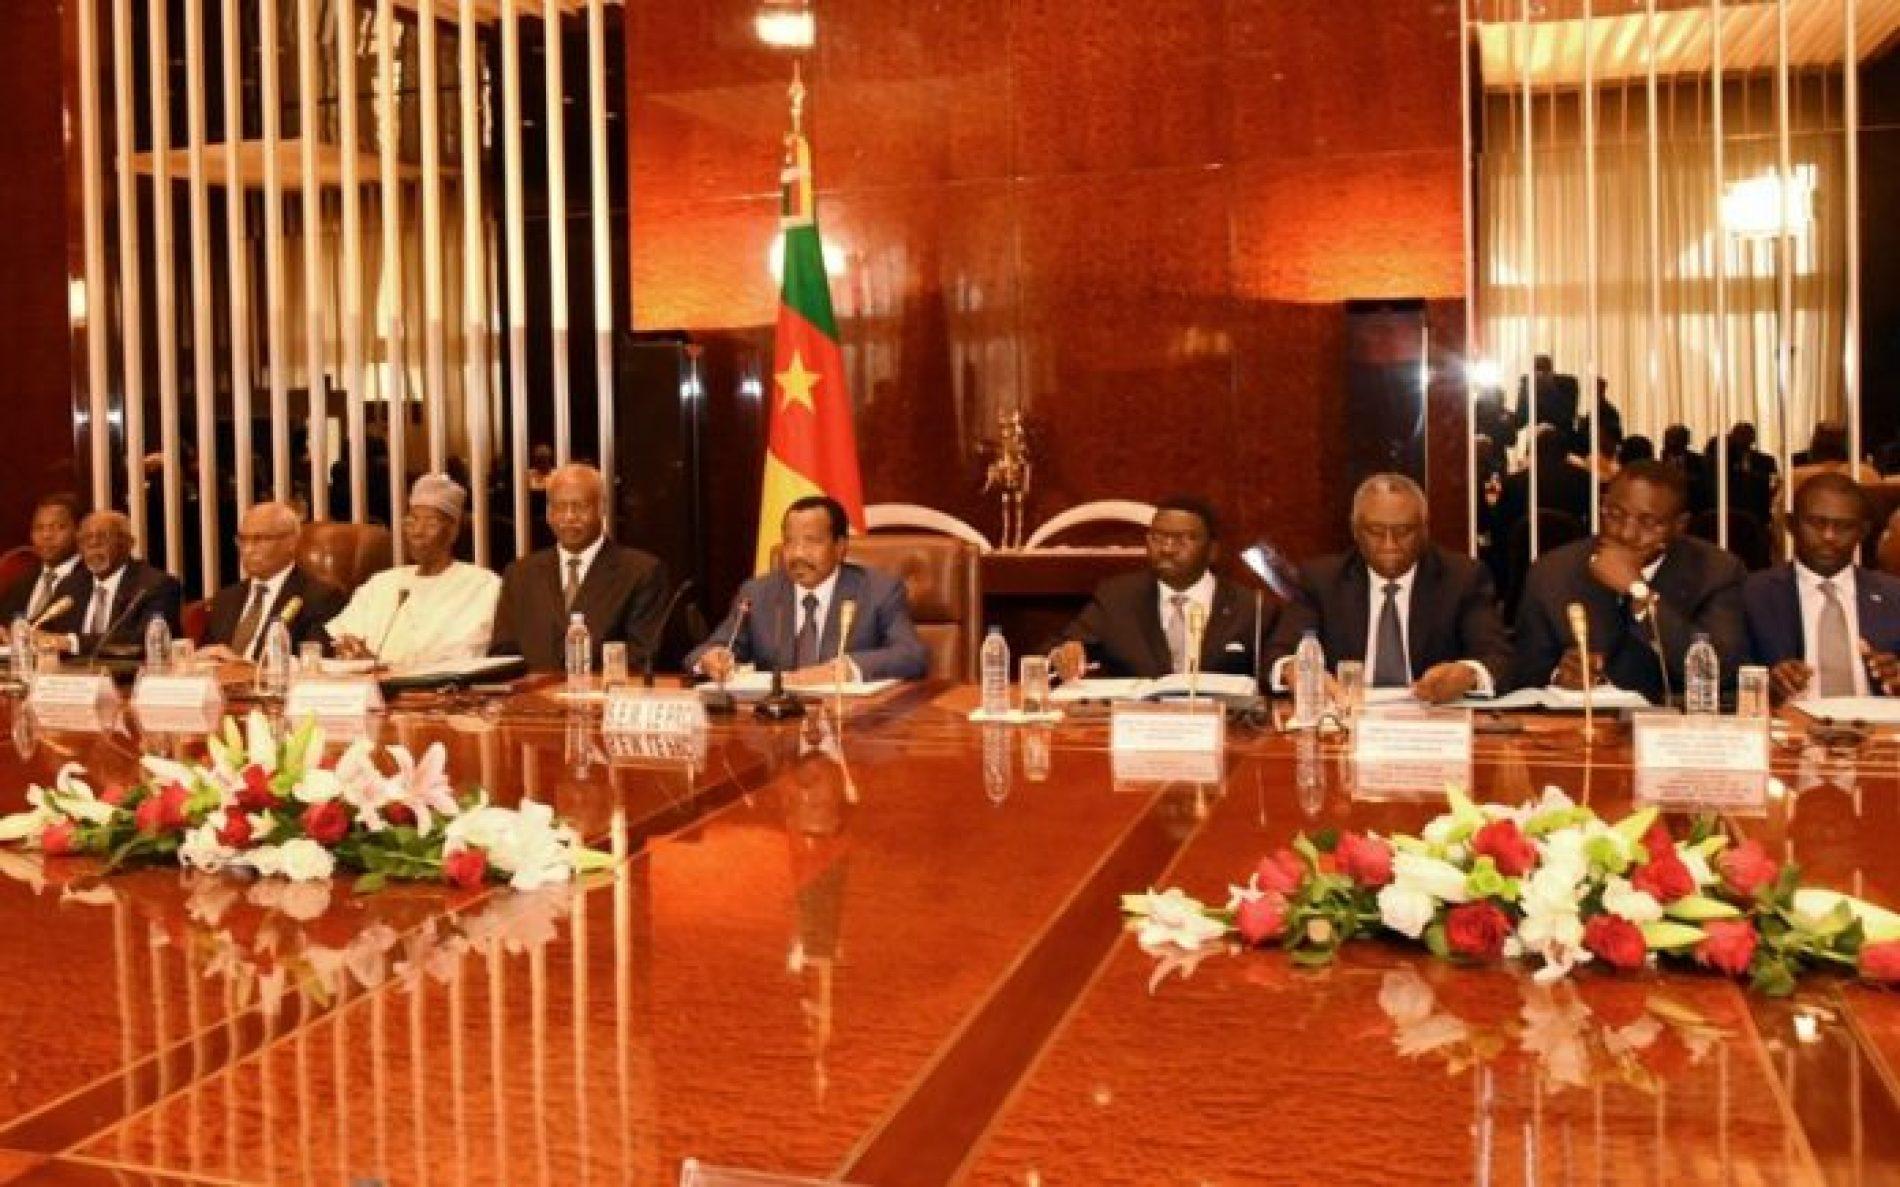 Décentralisation: Paul Biya prescrit un chronogramme pour l'accélération du processus